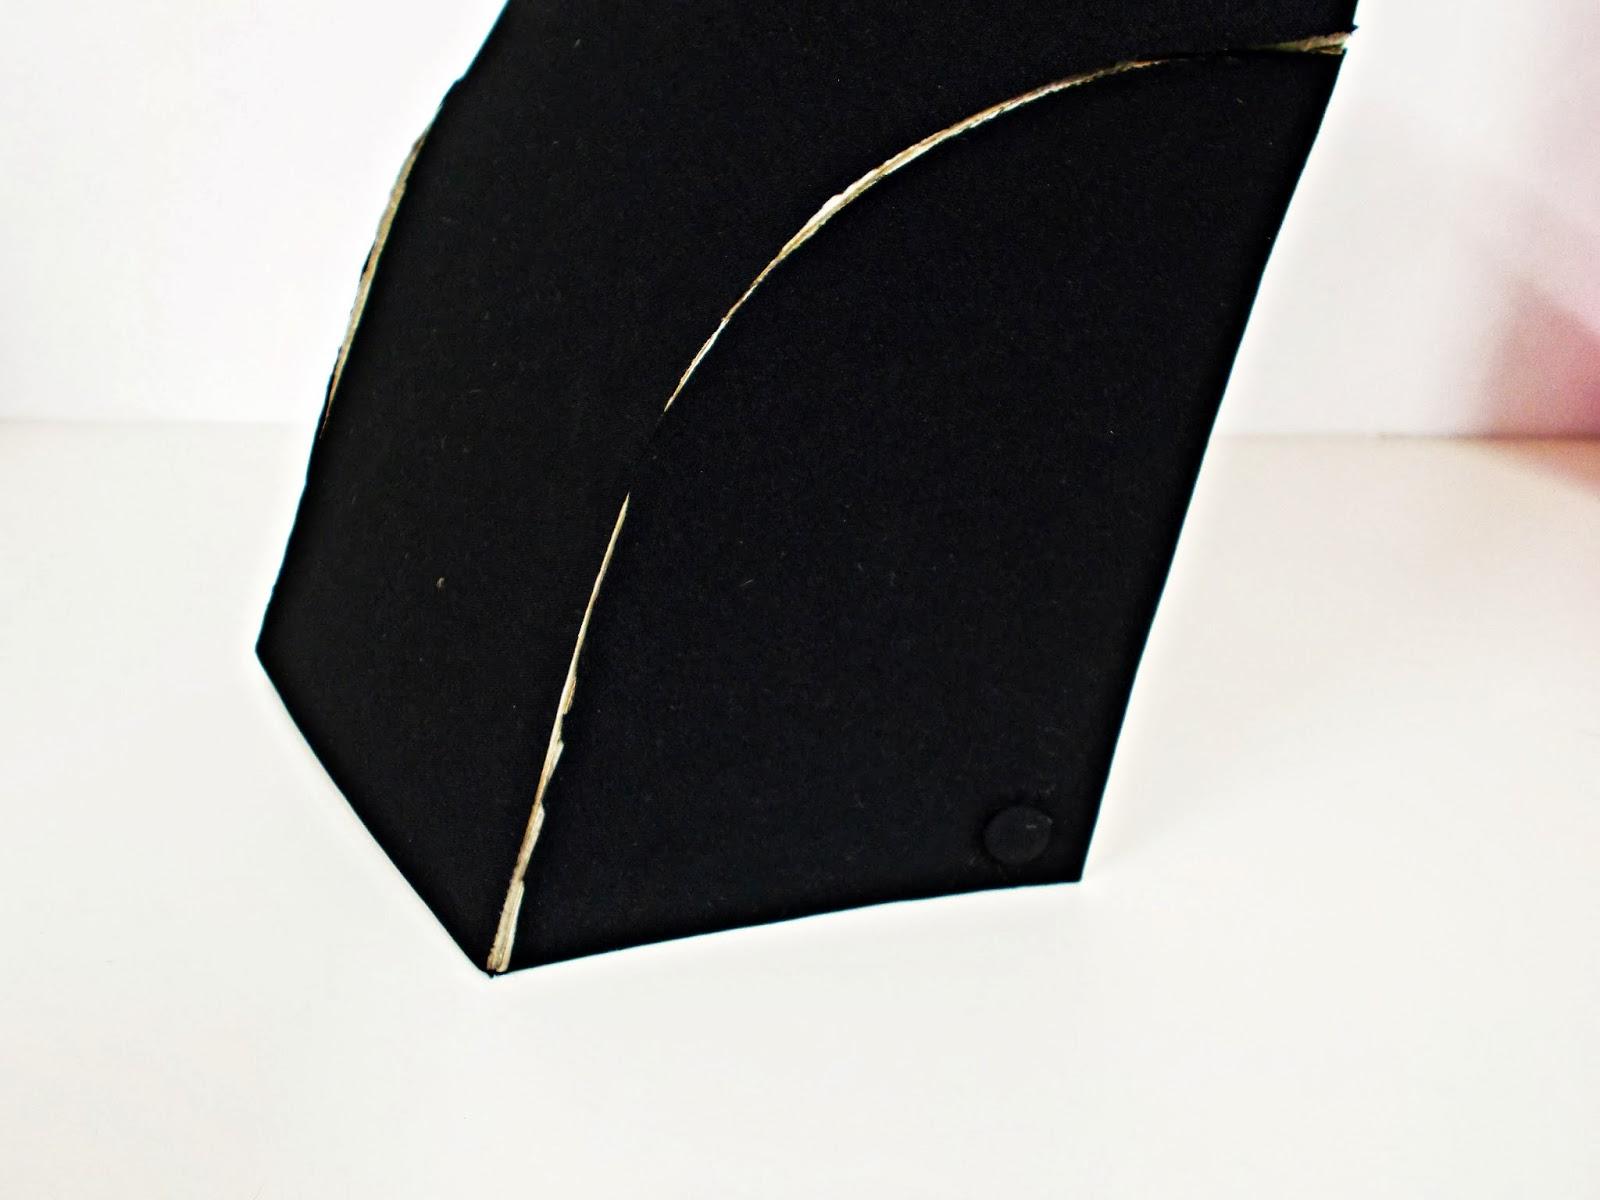 DIY-expositor-cartón-bisutería-soporte6